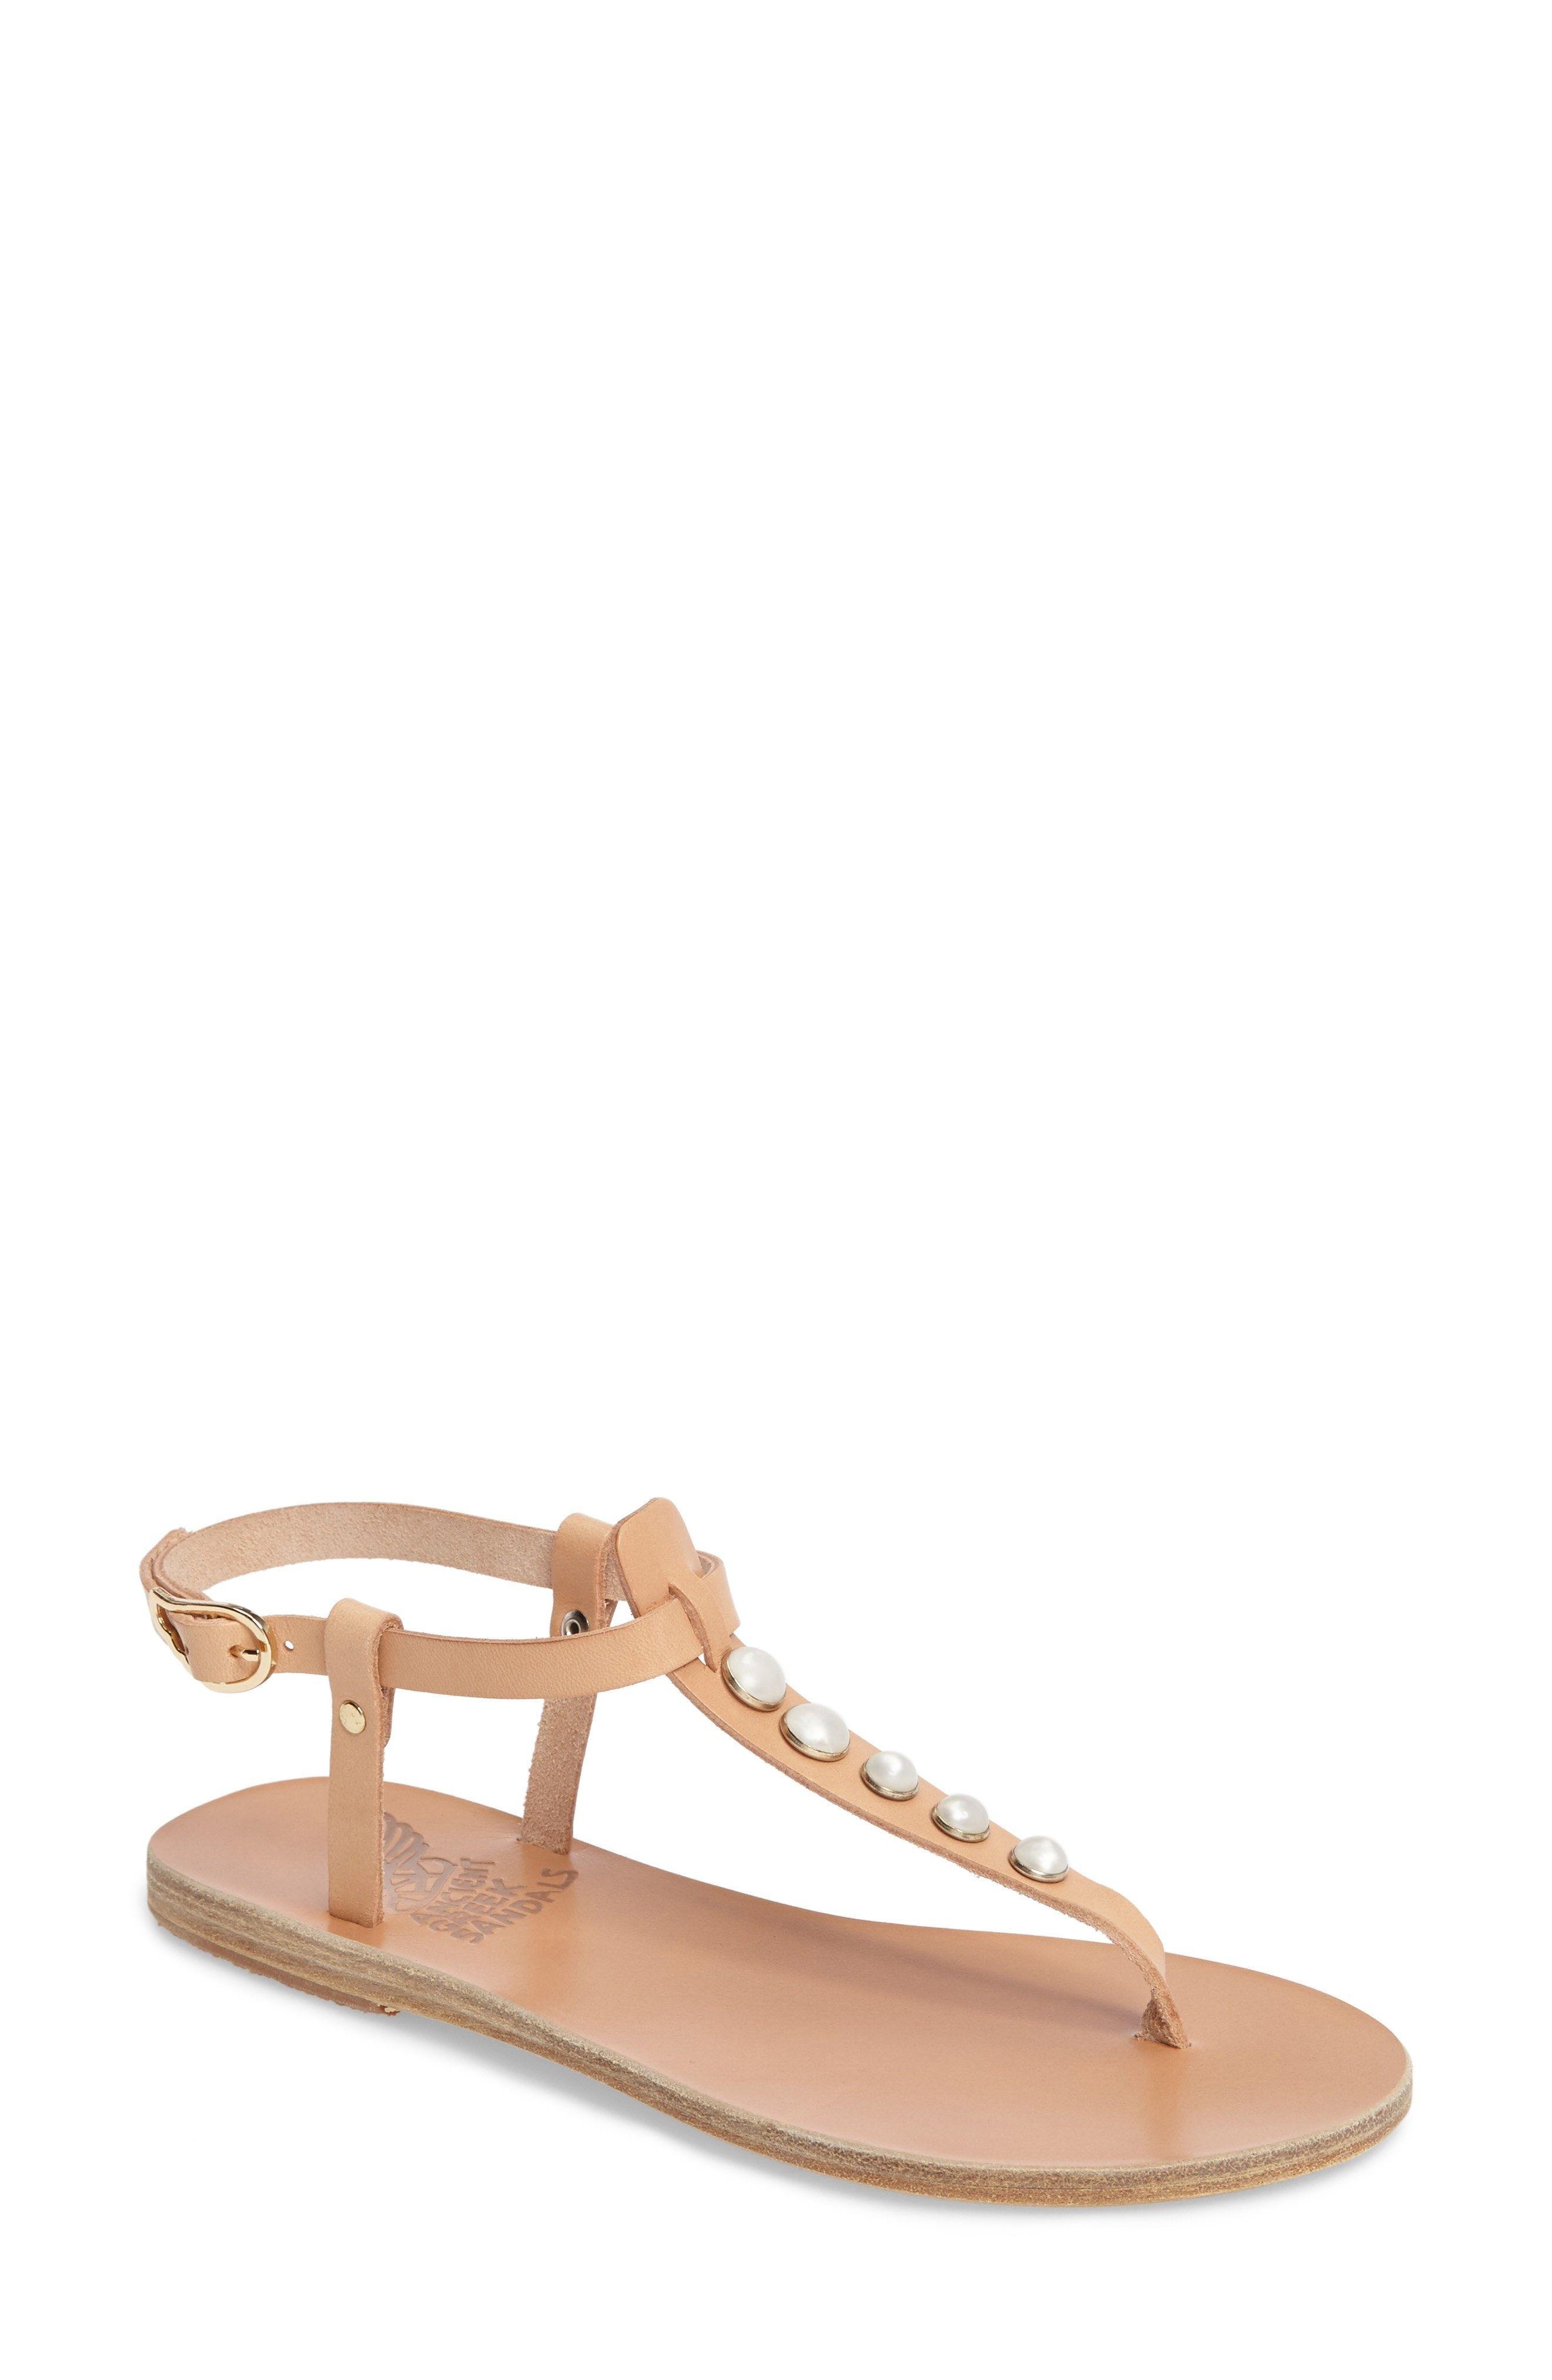 Ancient Greek Sandals Women's T-Strap Sandal YsDyZcNbaR